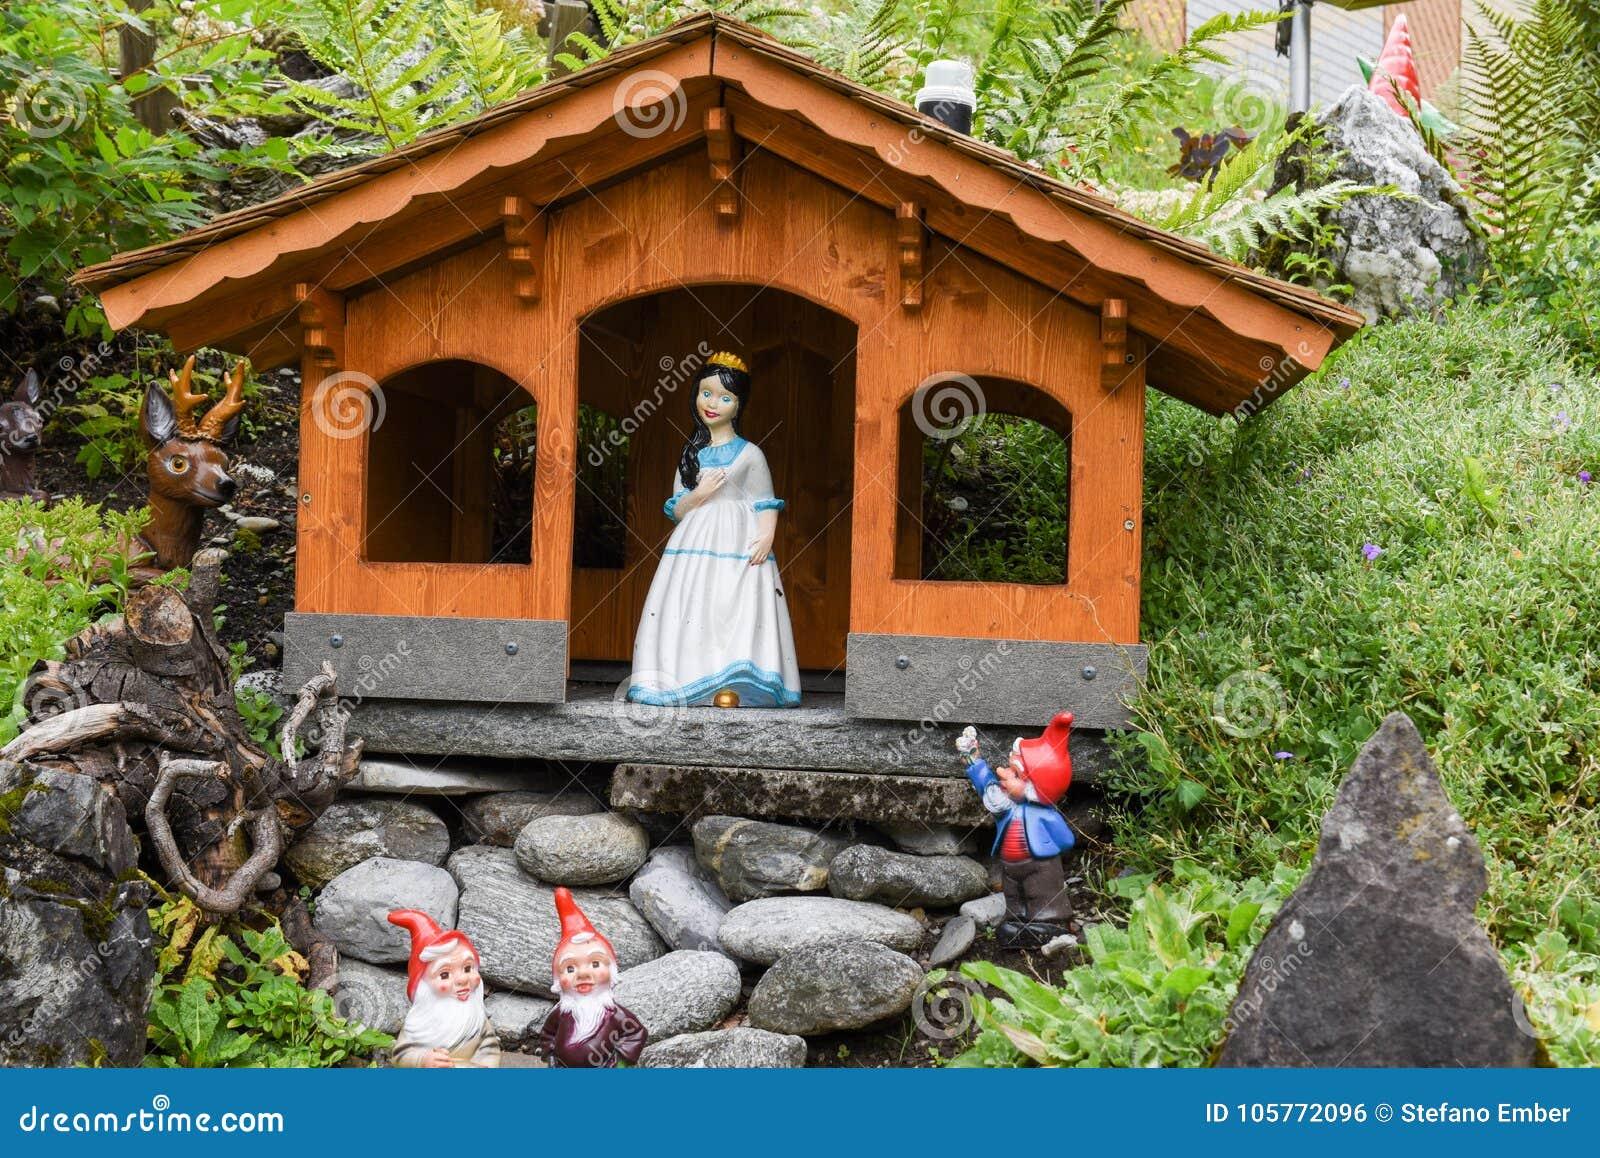 Giardino Di Una Casa biancaneve e nani su un giardino di una casa fotografia